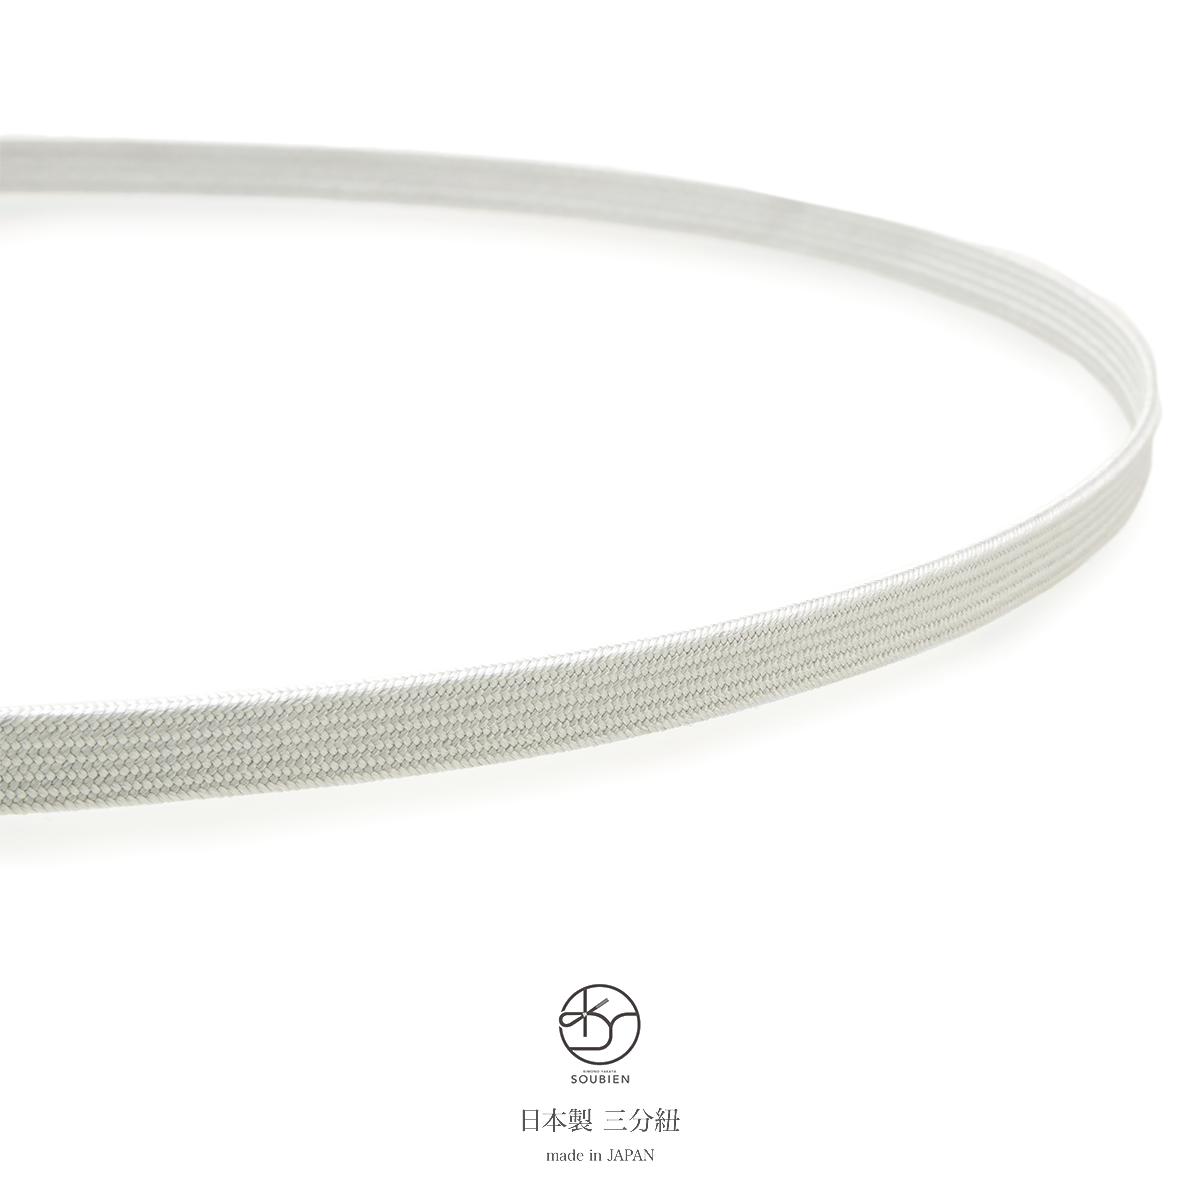 日本製・正絹の帯締め